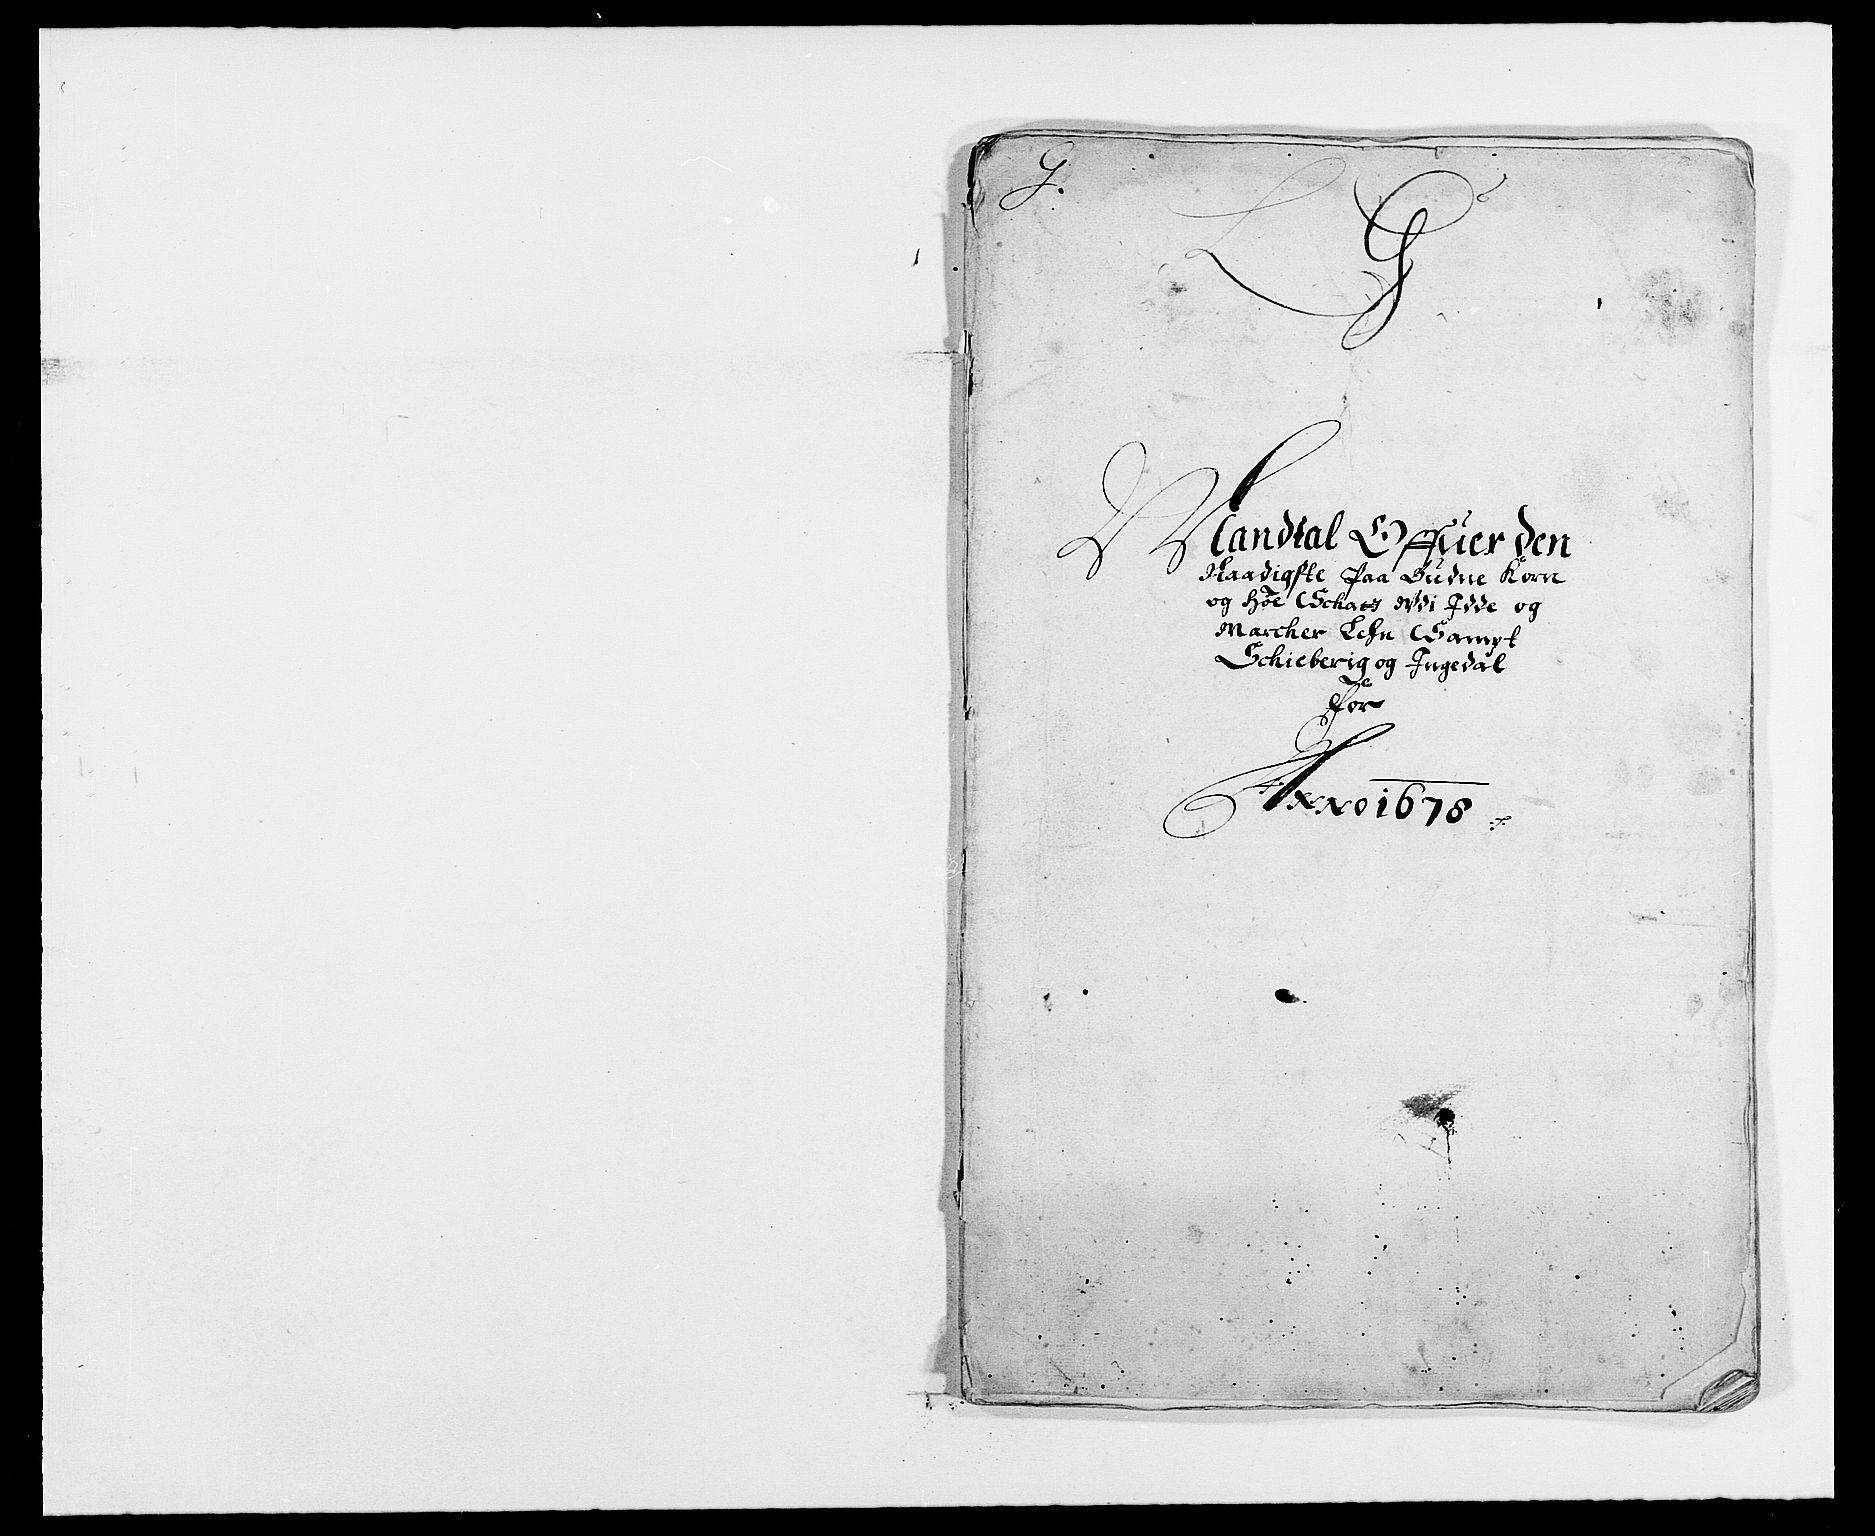 RA, Rentekammeret inntil 1814, Reviderte regnskaper, Fogderegnskap, R01/L0001: Fogderegnskap Idd og Marker, 1678-1679, s. 186